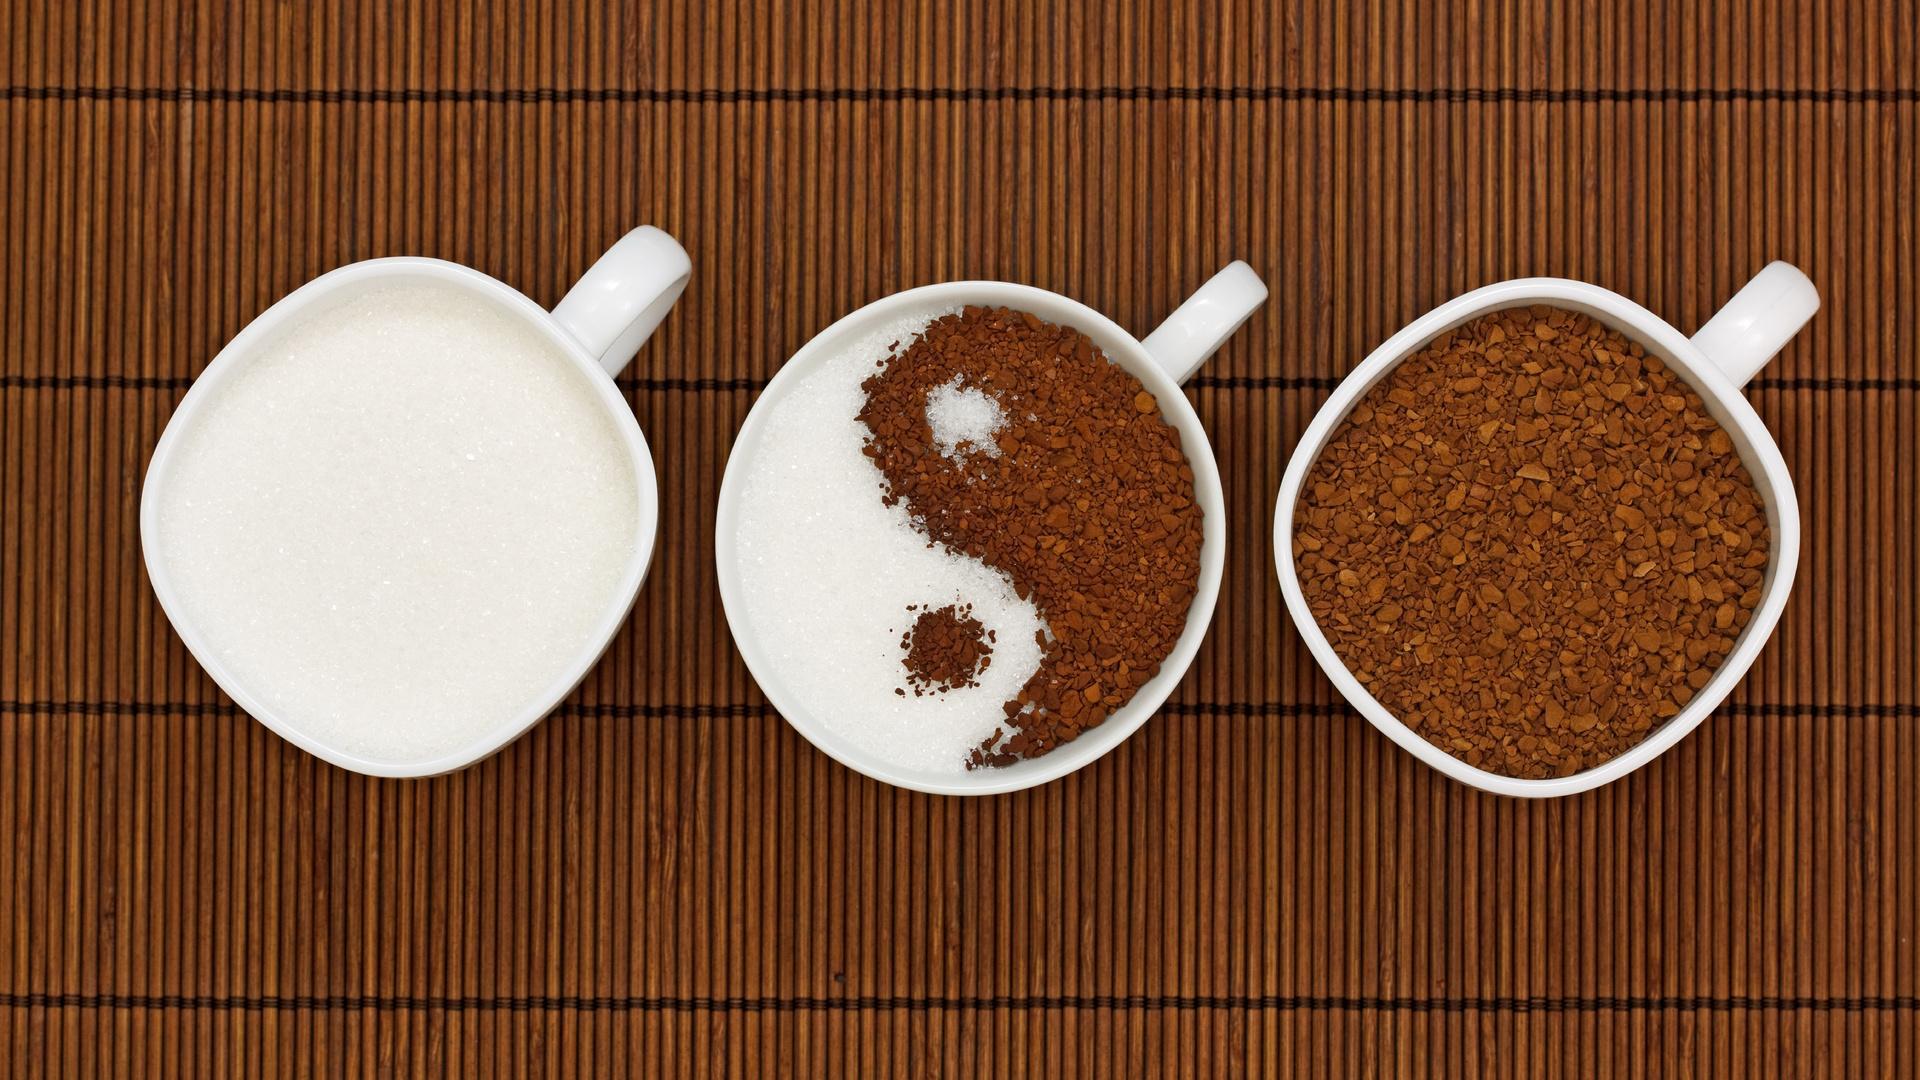 Объем употребляемого кофе может быть заложен в генах